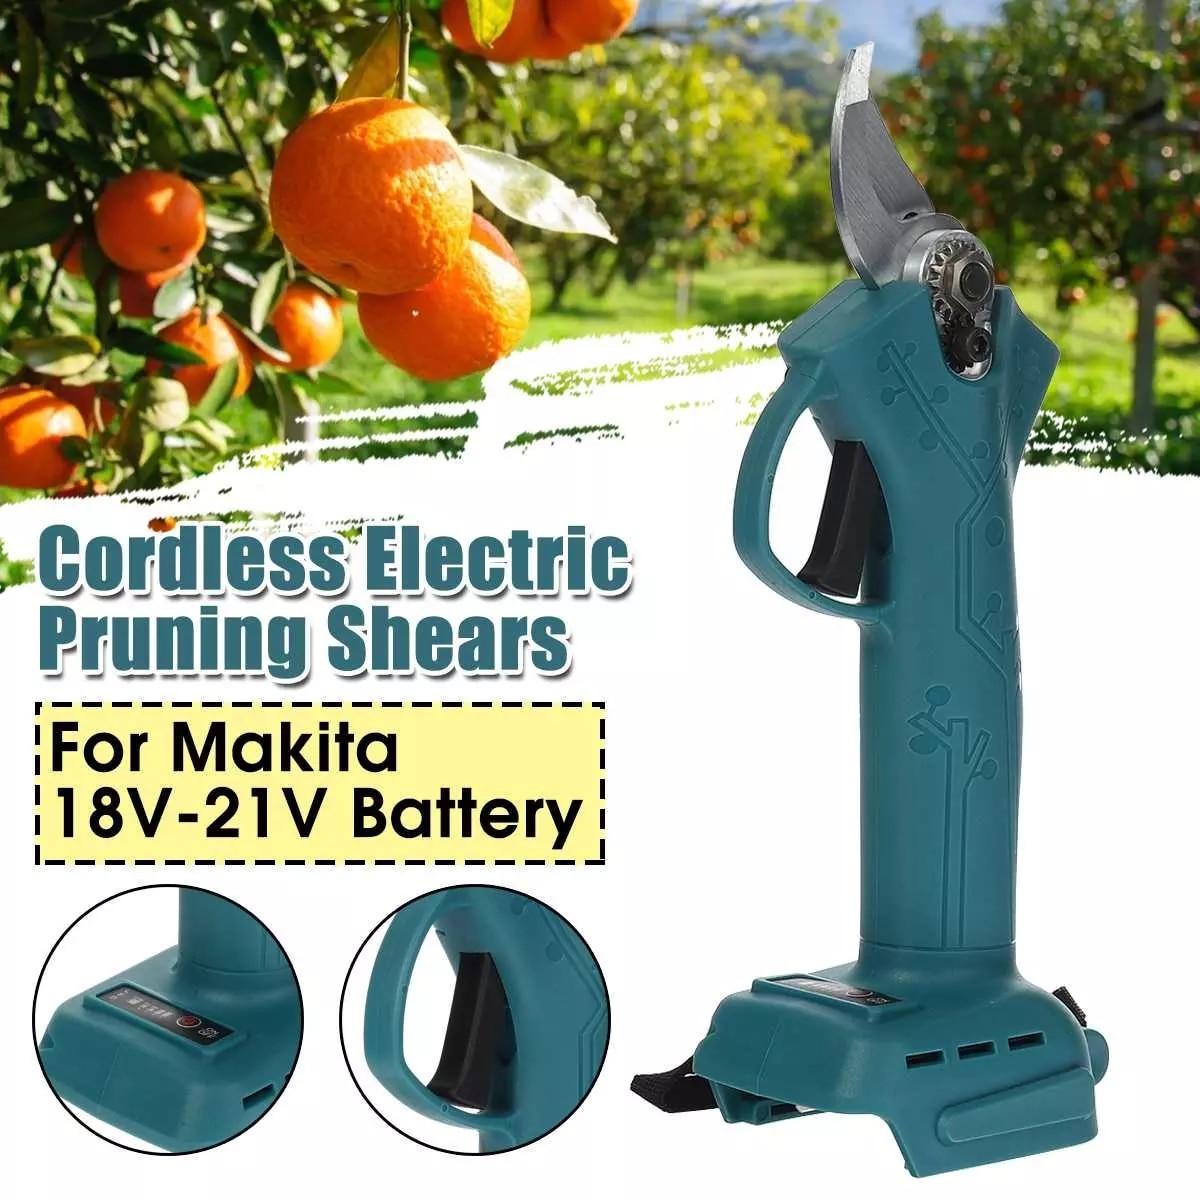 مقصات تشذيب كهربائية مقصات تشذيب لاسلكية أدوات حديقة لبطارية ماكيتا 18 فولت-21 فولت (غير متضمنة) قطاعة قابلة للشحن